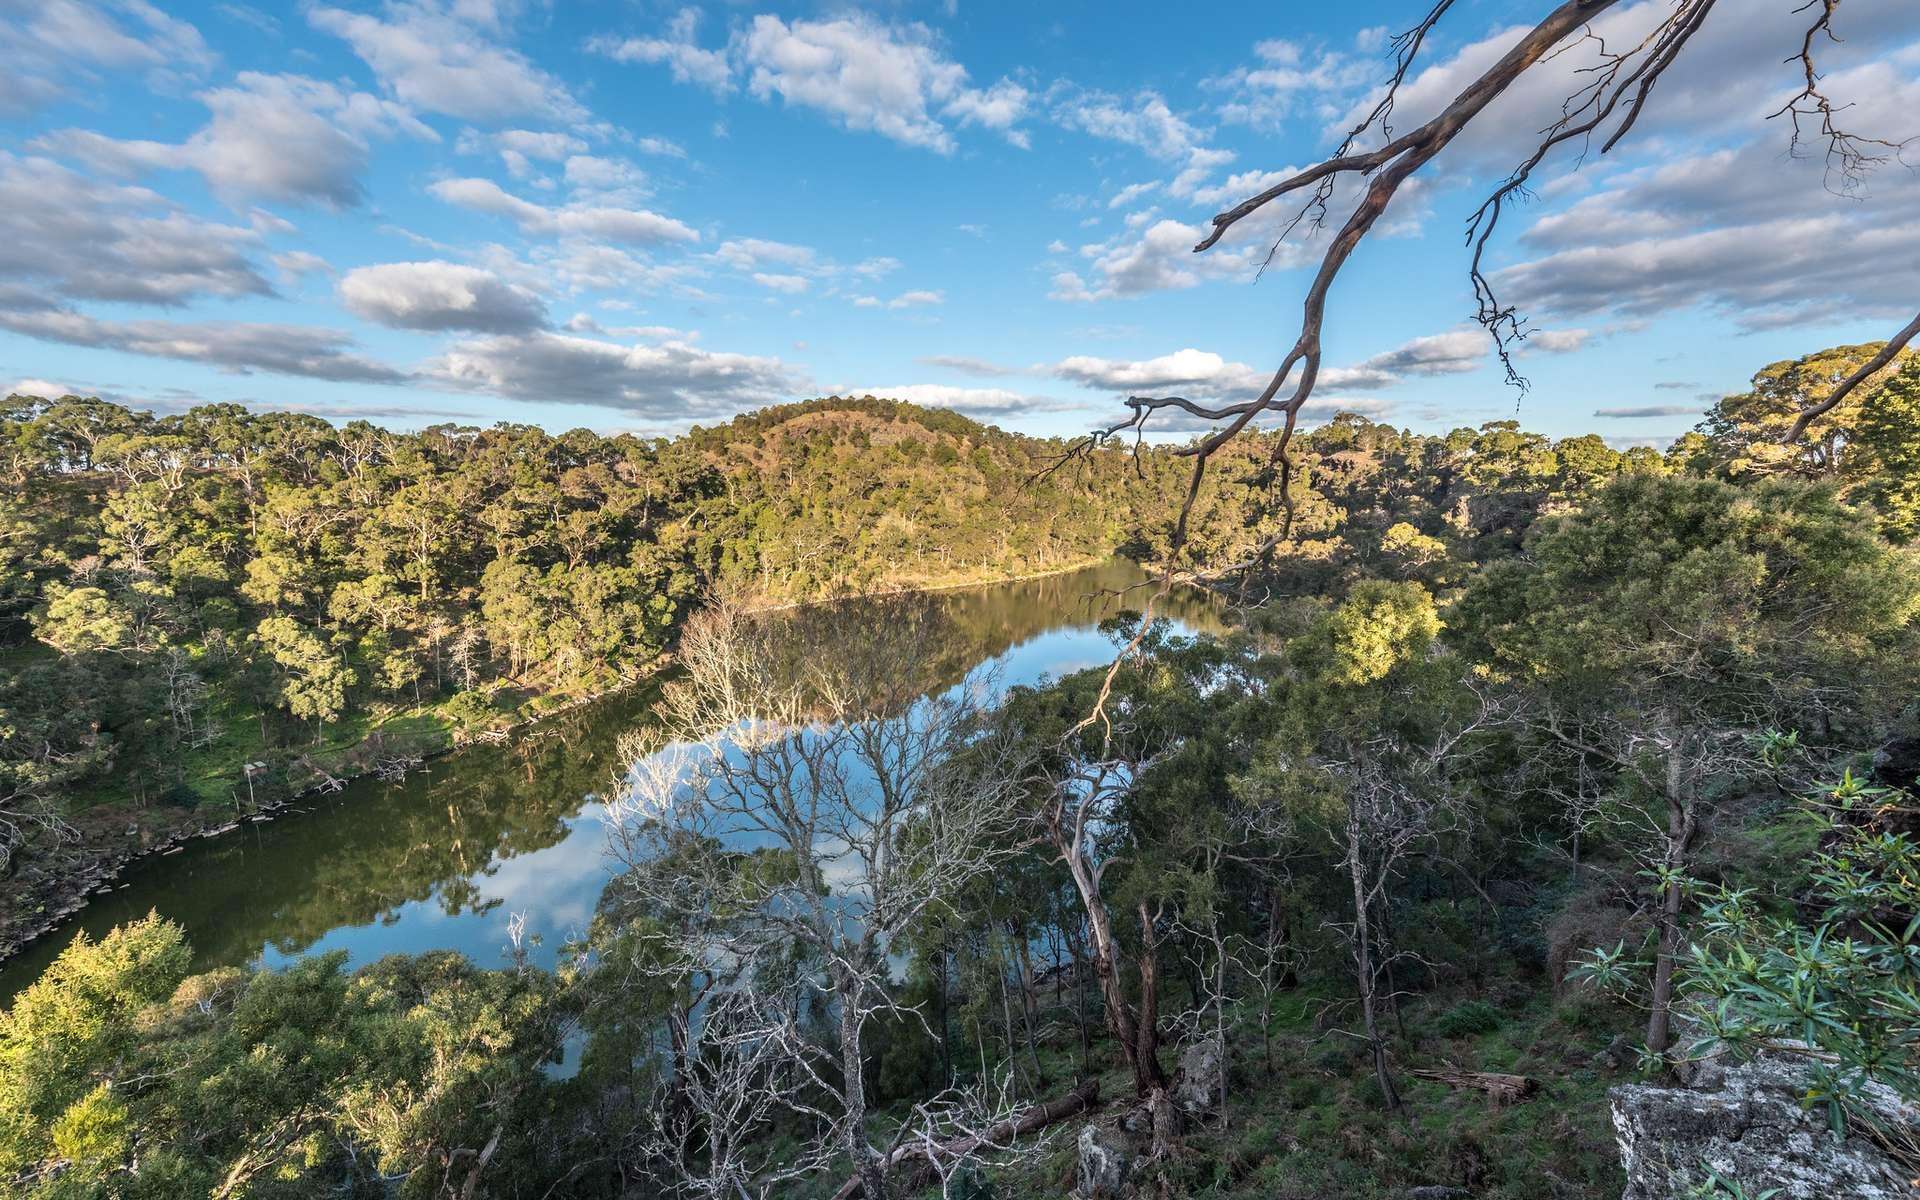 Les incendies en Australie révèlent un réseau d'eau antique